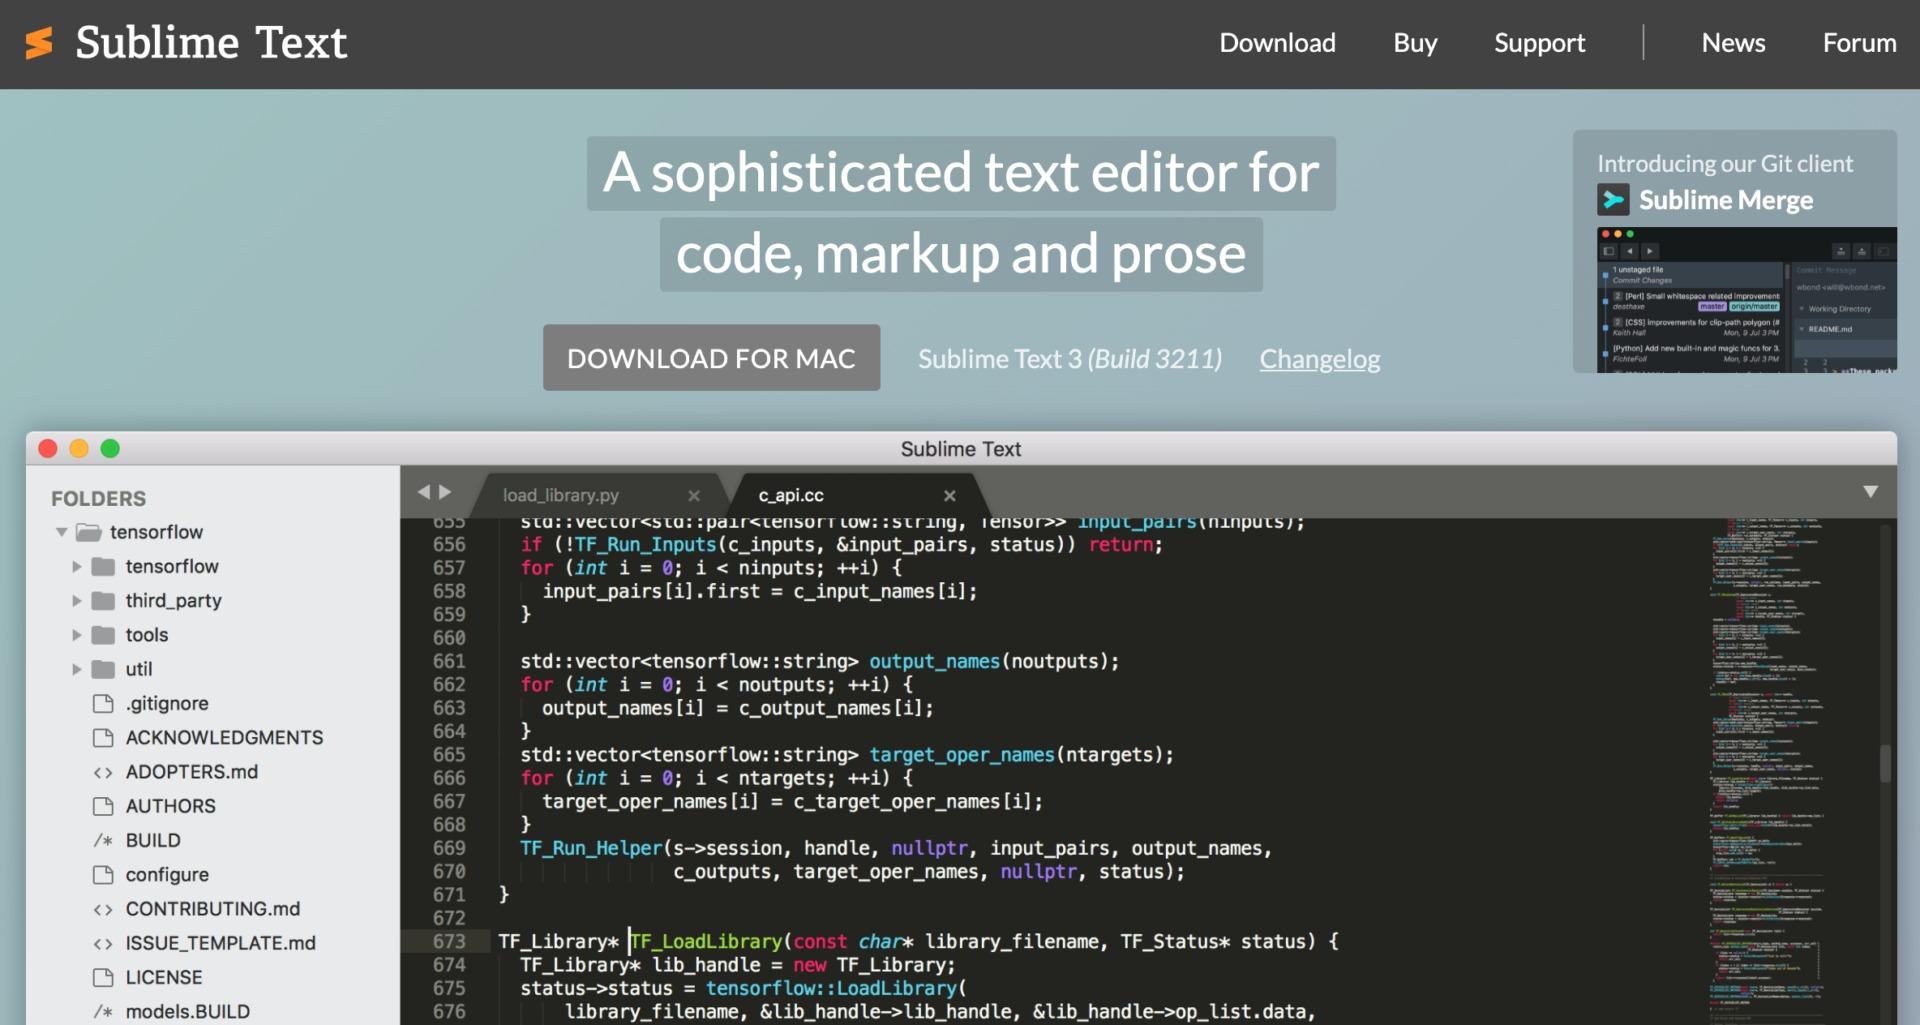 テキストエディタ「Sublime Text」のWEBサイトのトップページ